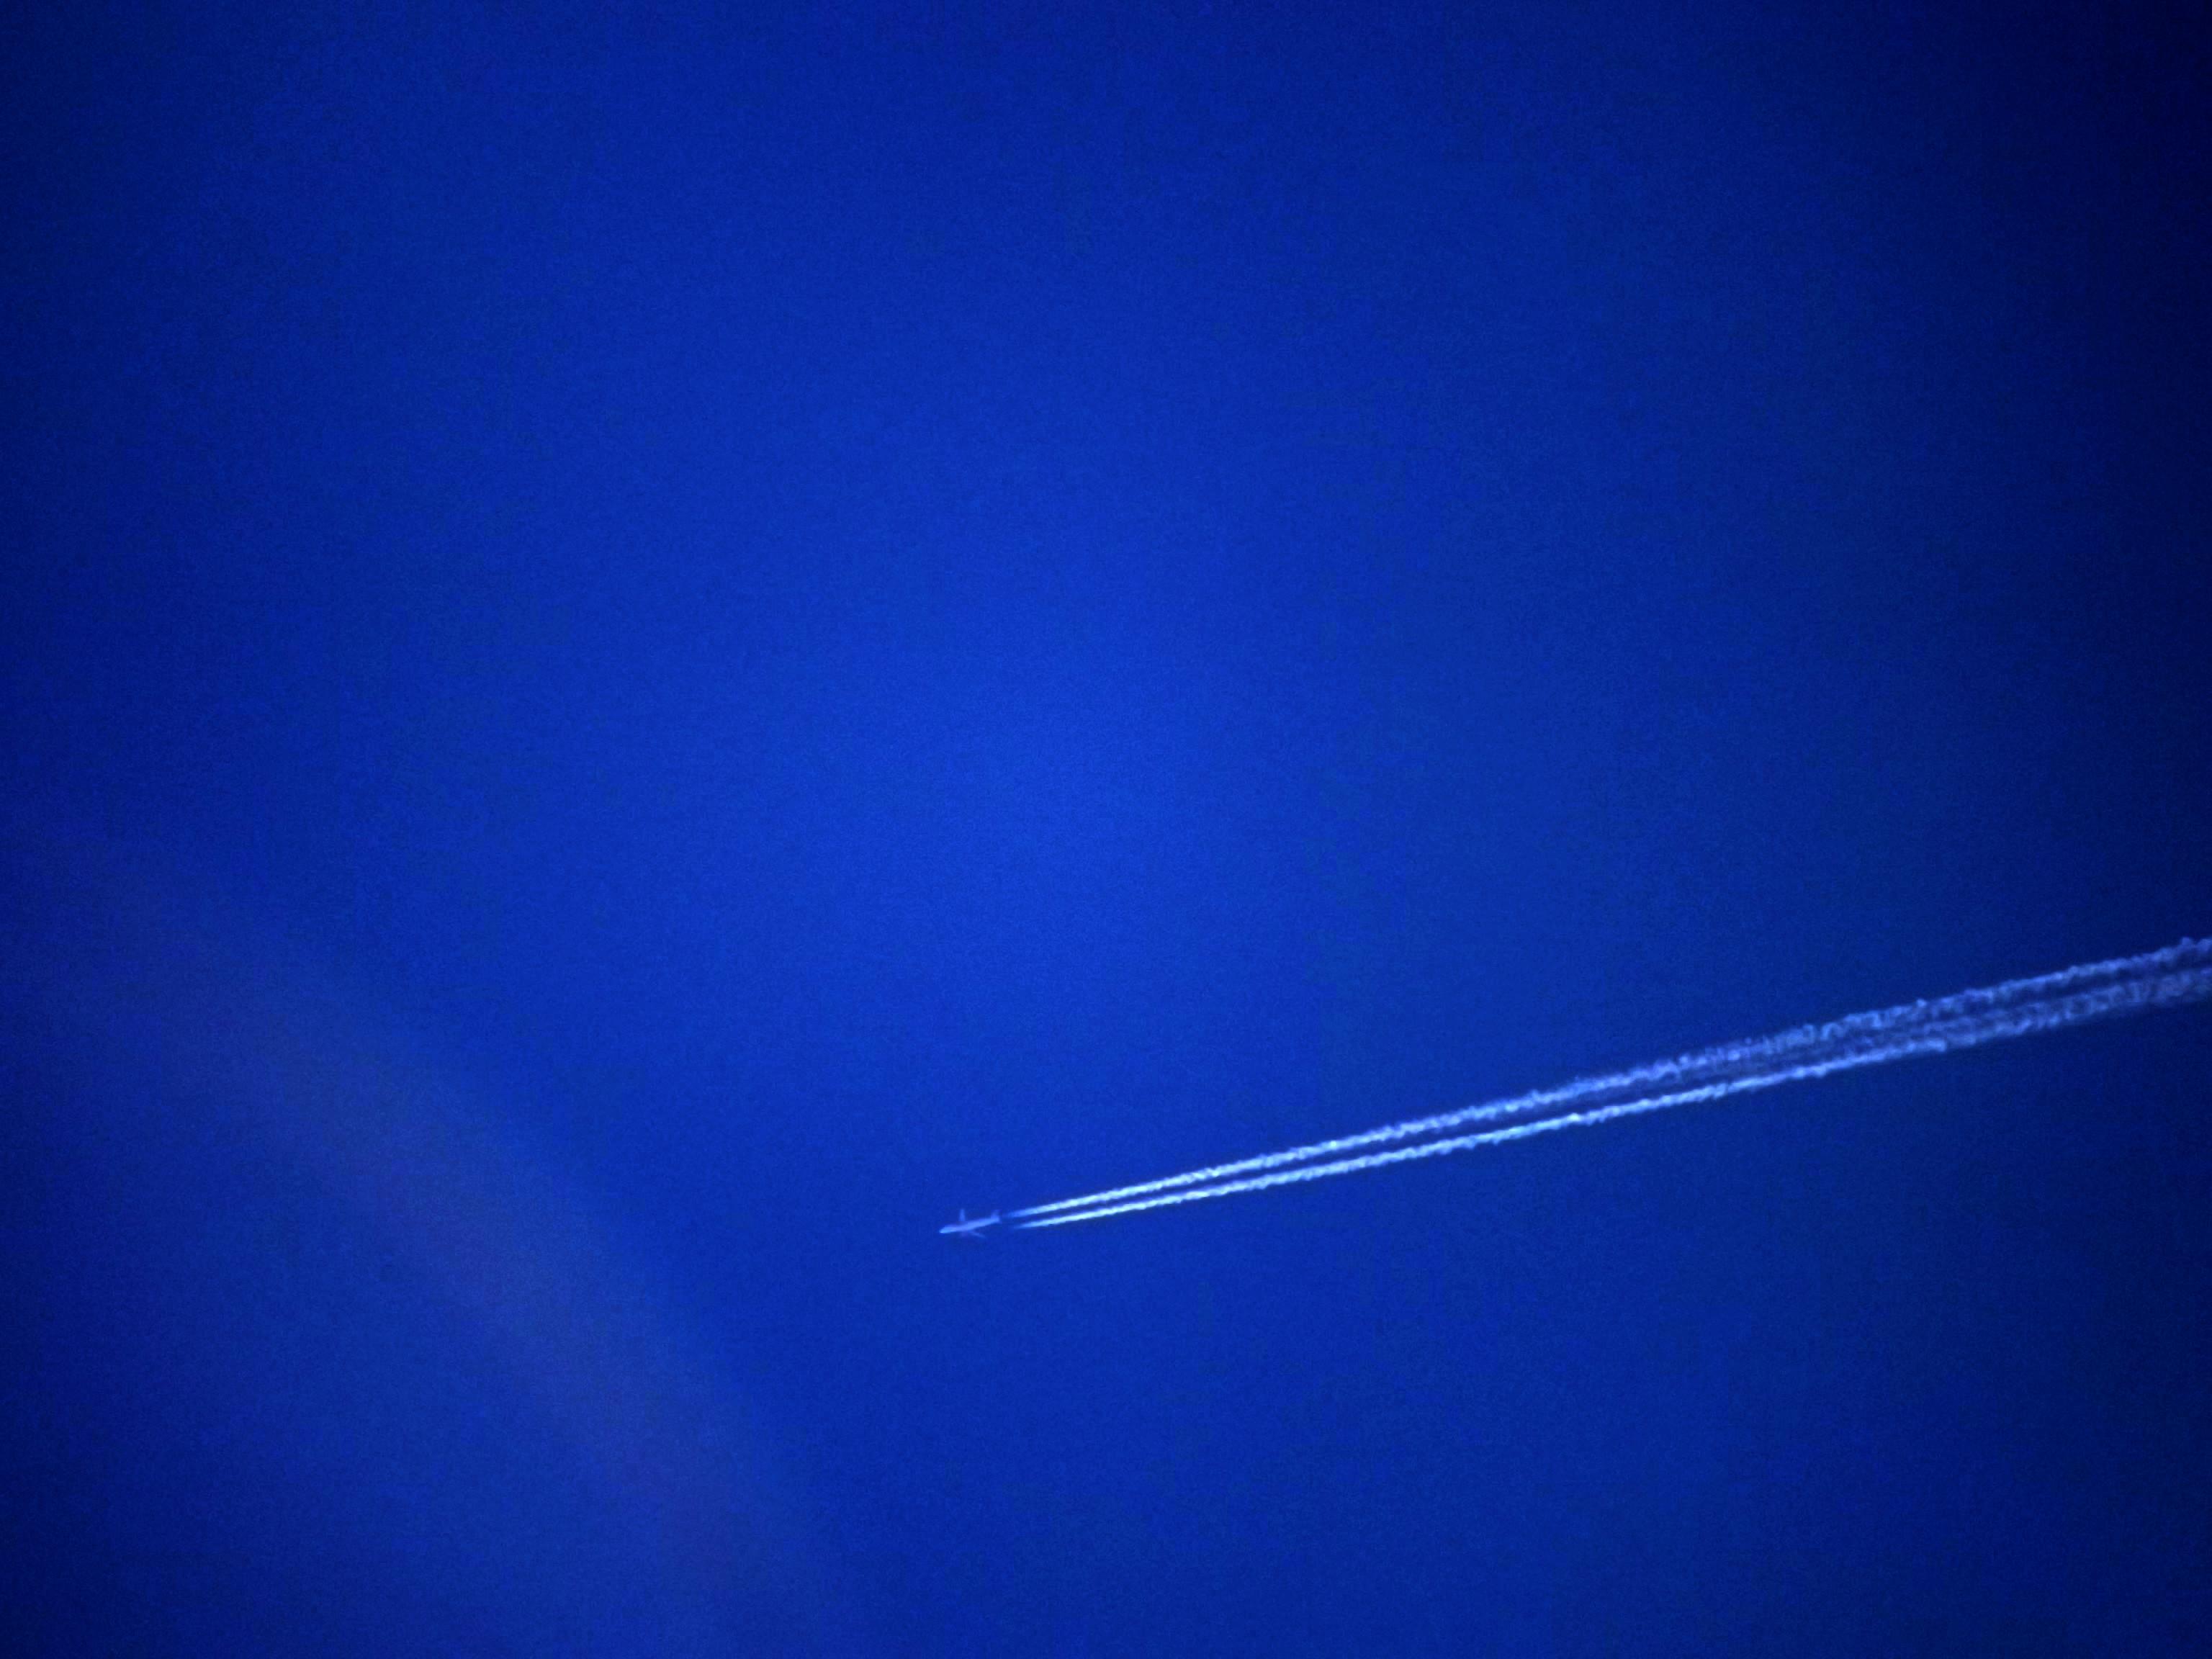 flugzeug-mit-kondenzstreifen